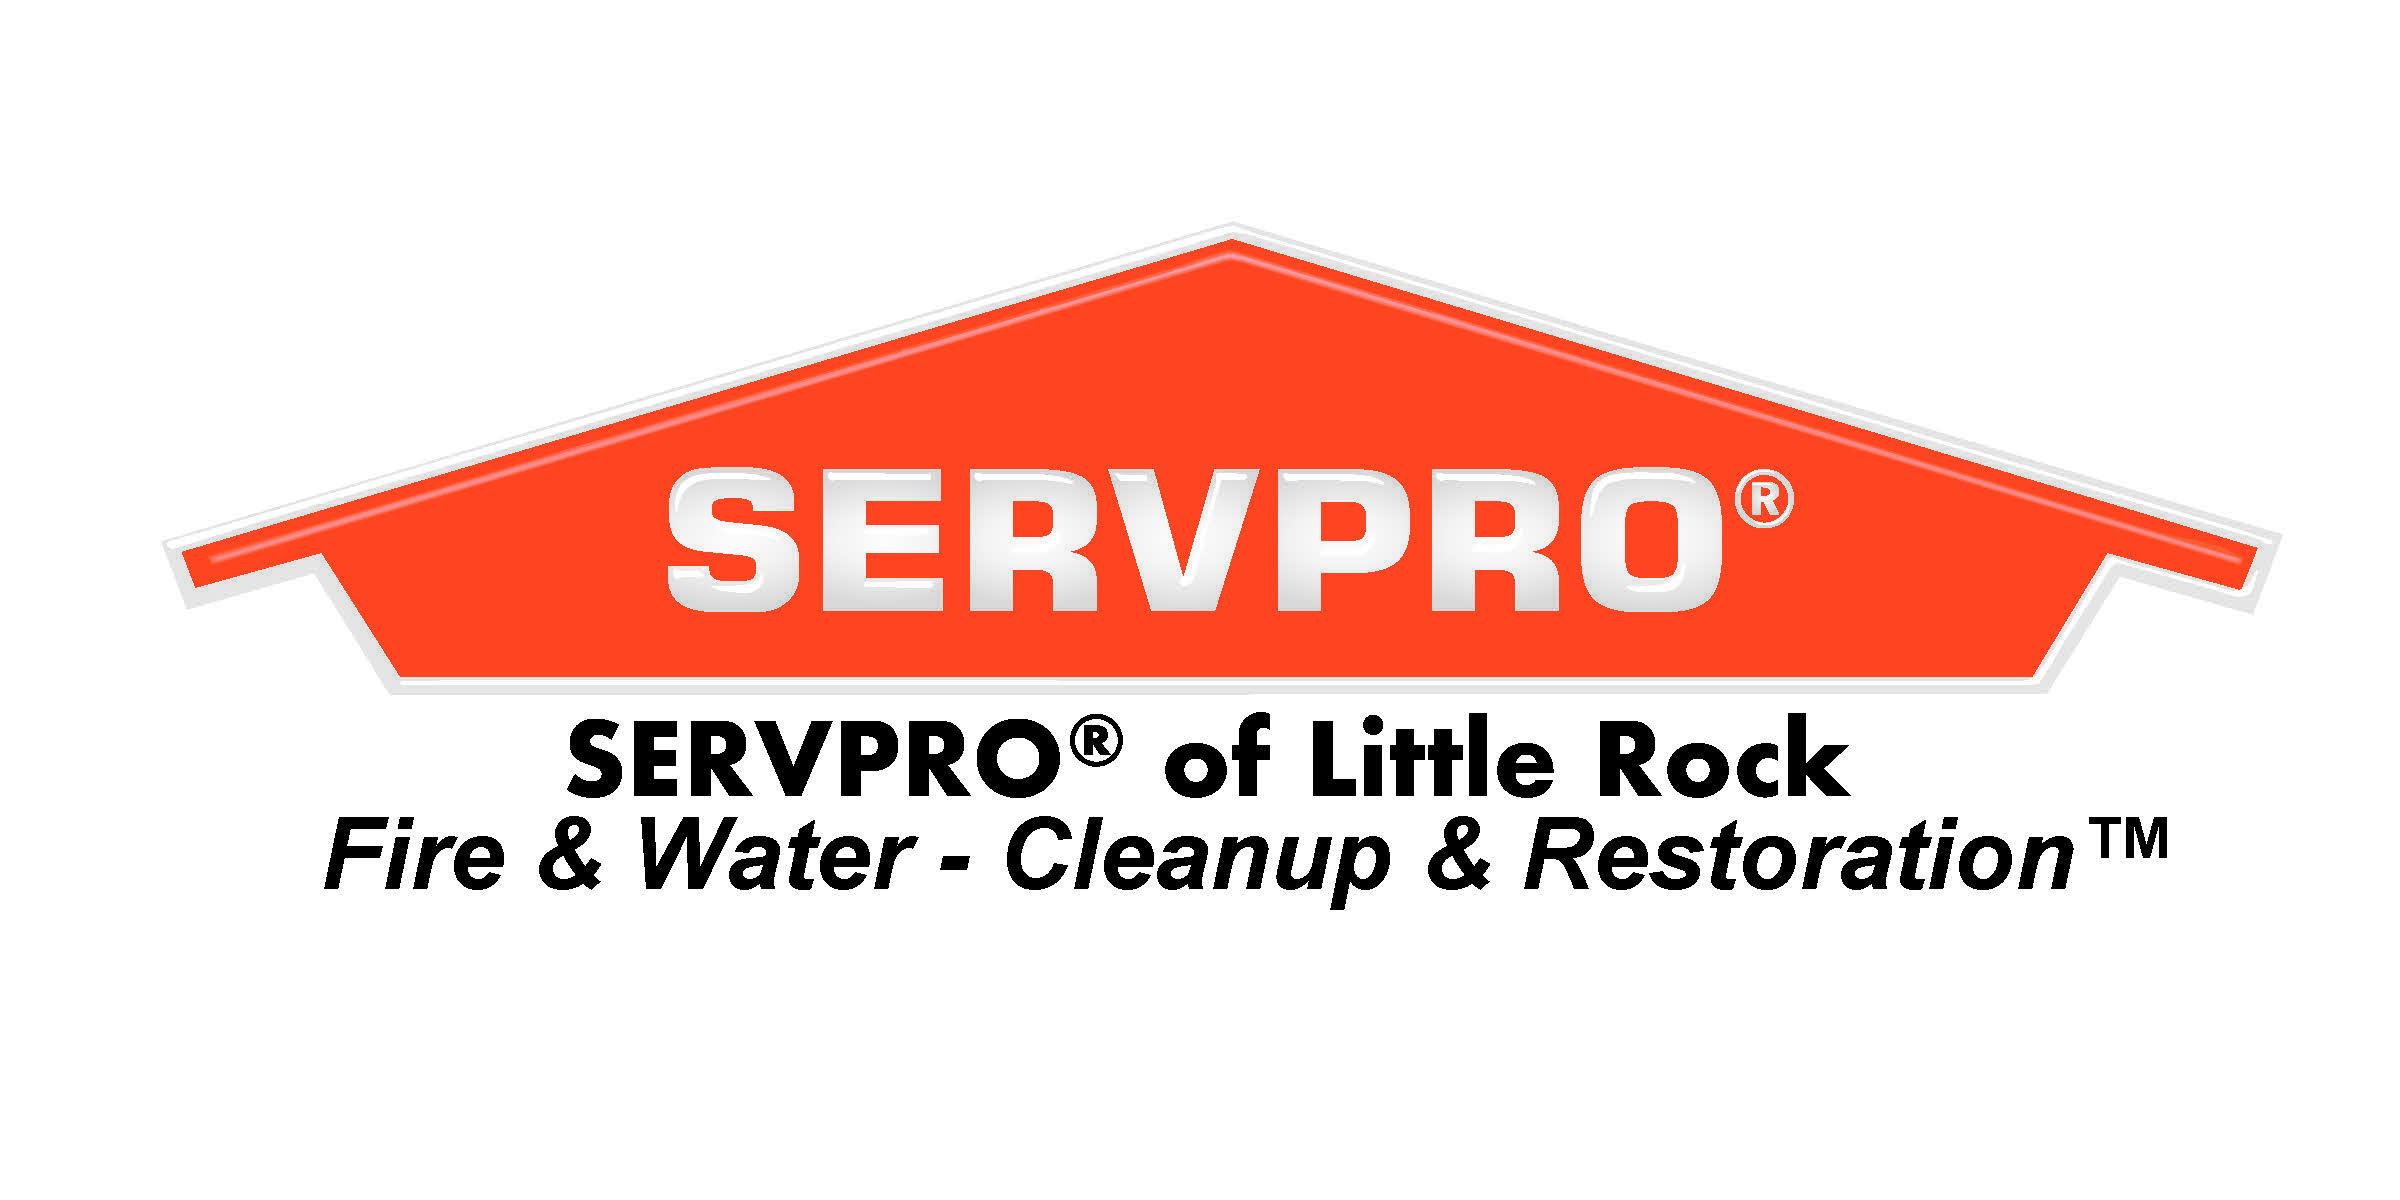 Little Rock ServPro, Disaster Dash Sponsor